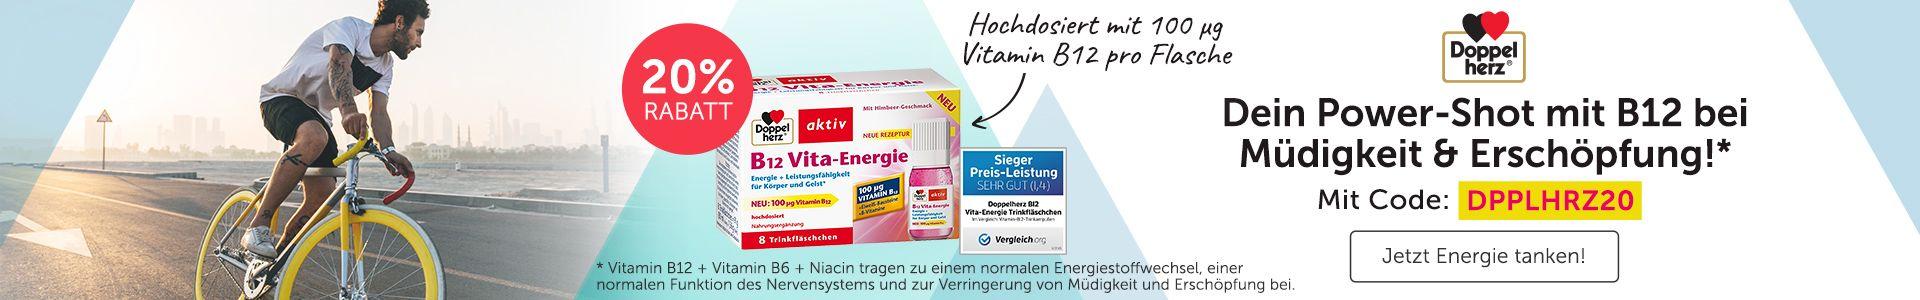 Doppelherz B12 Vita Energie für noch mehr Power im Alltag!